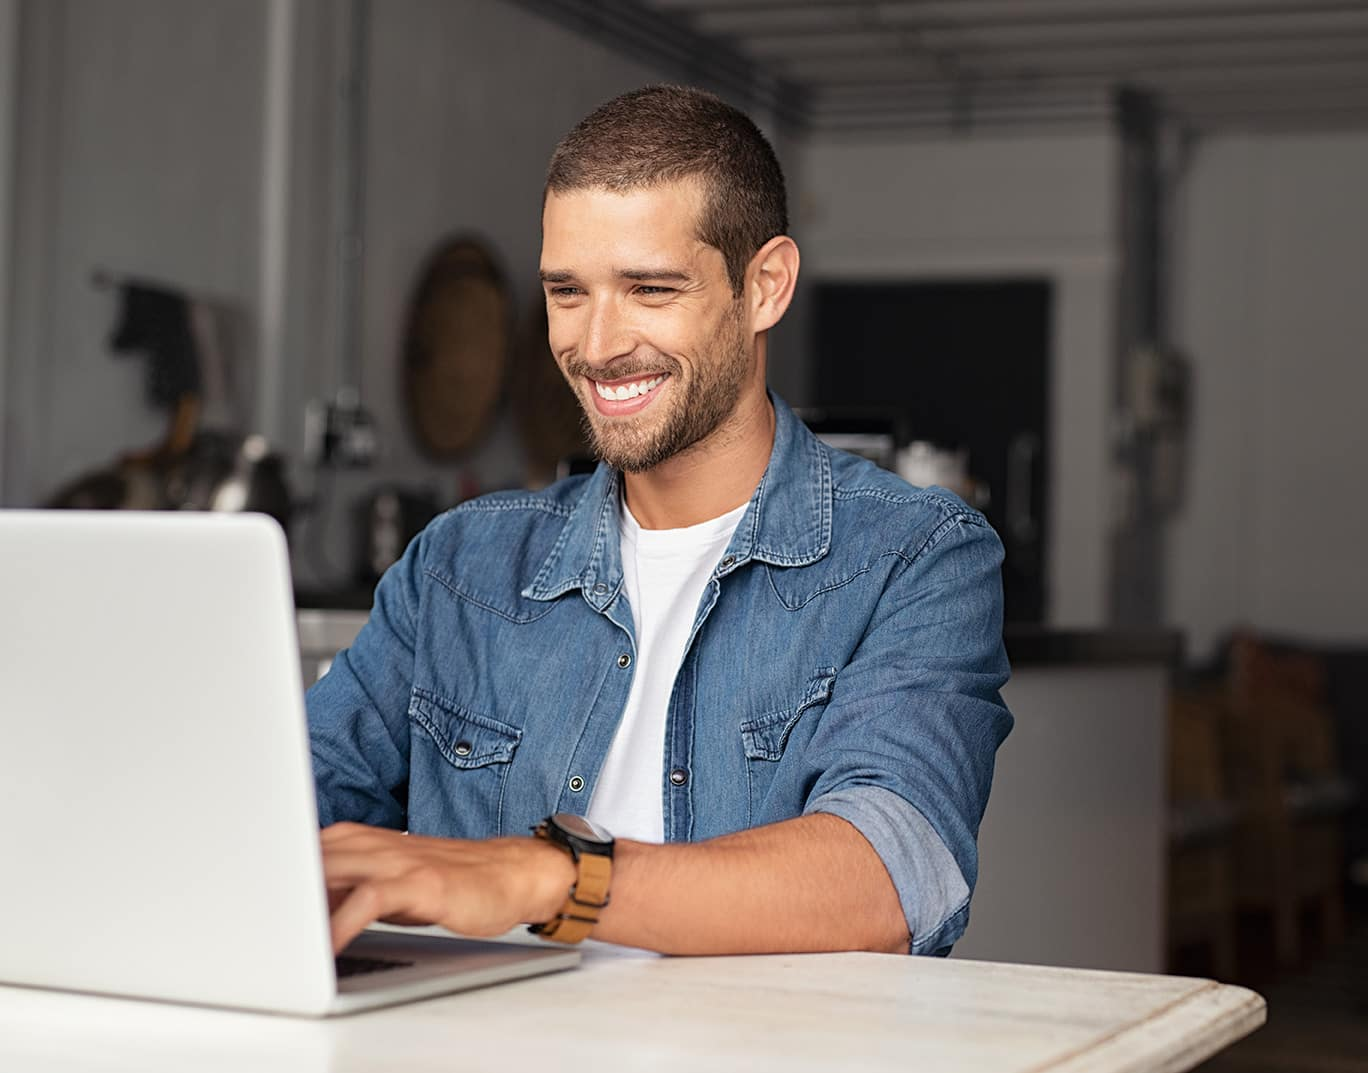 Man smiling at laptop computer